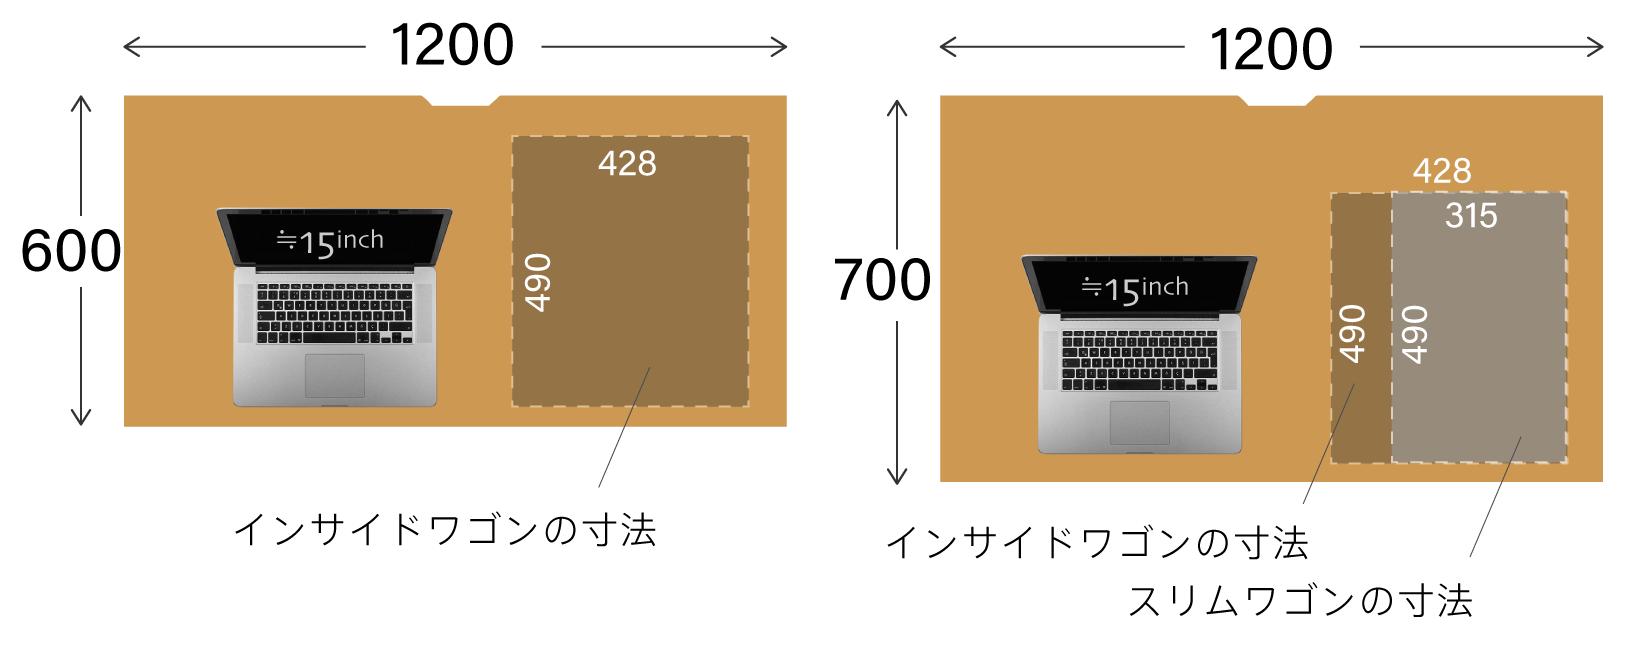 幅1200